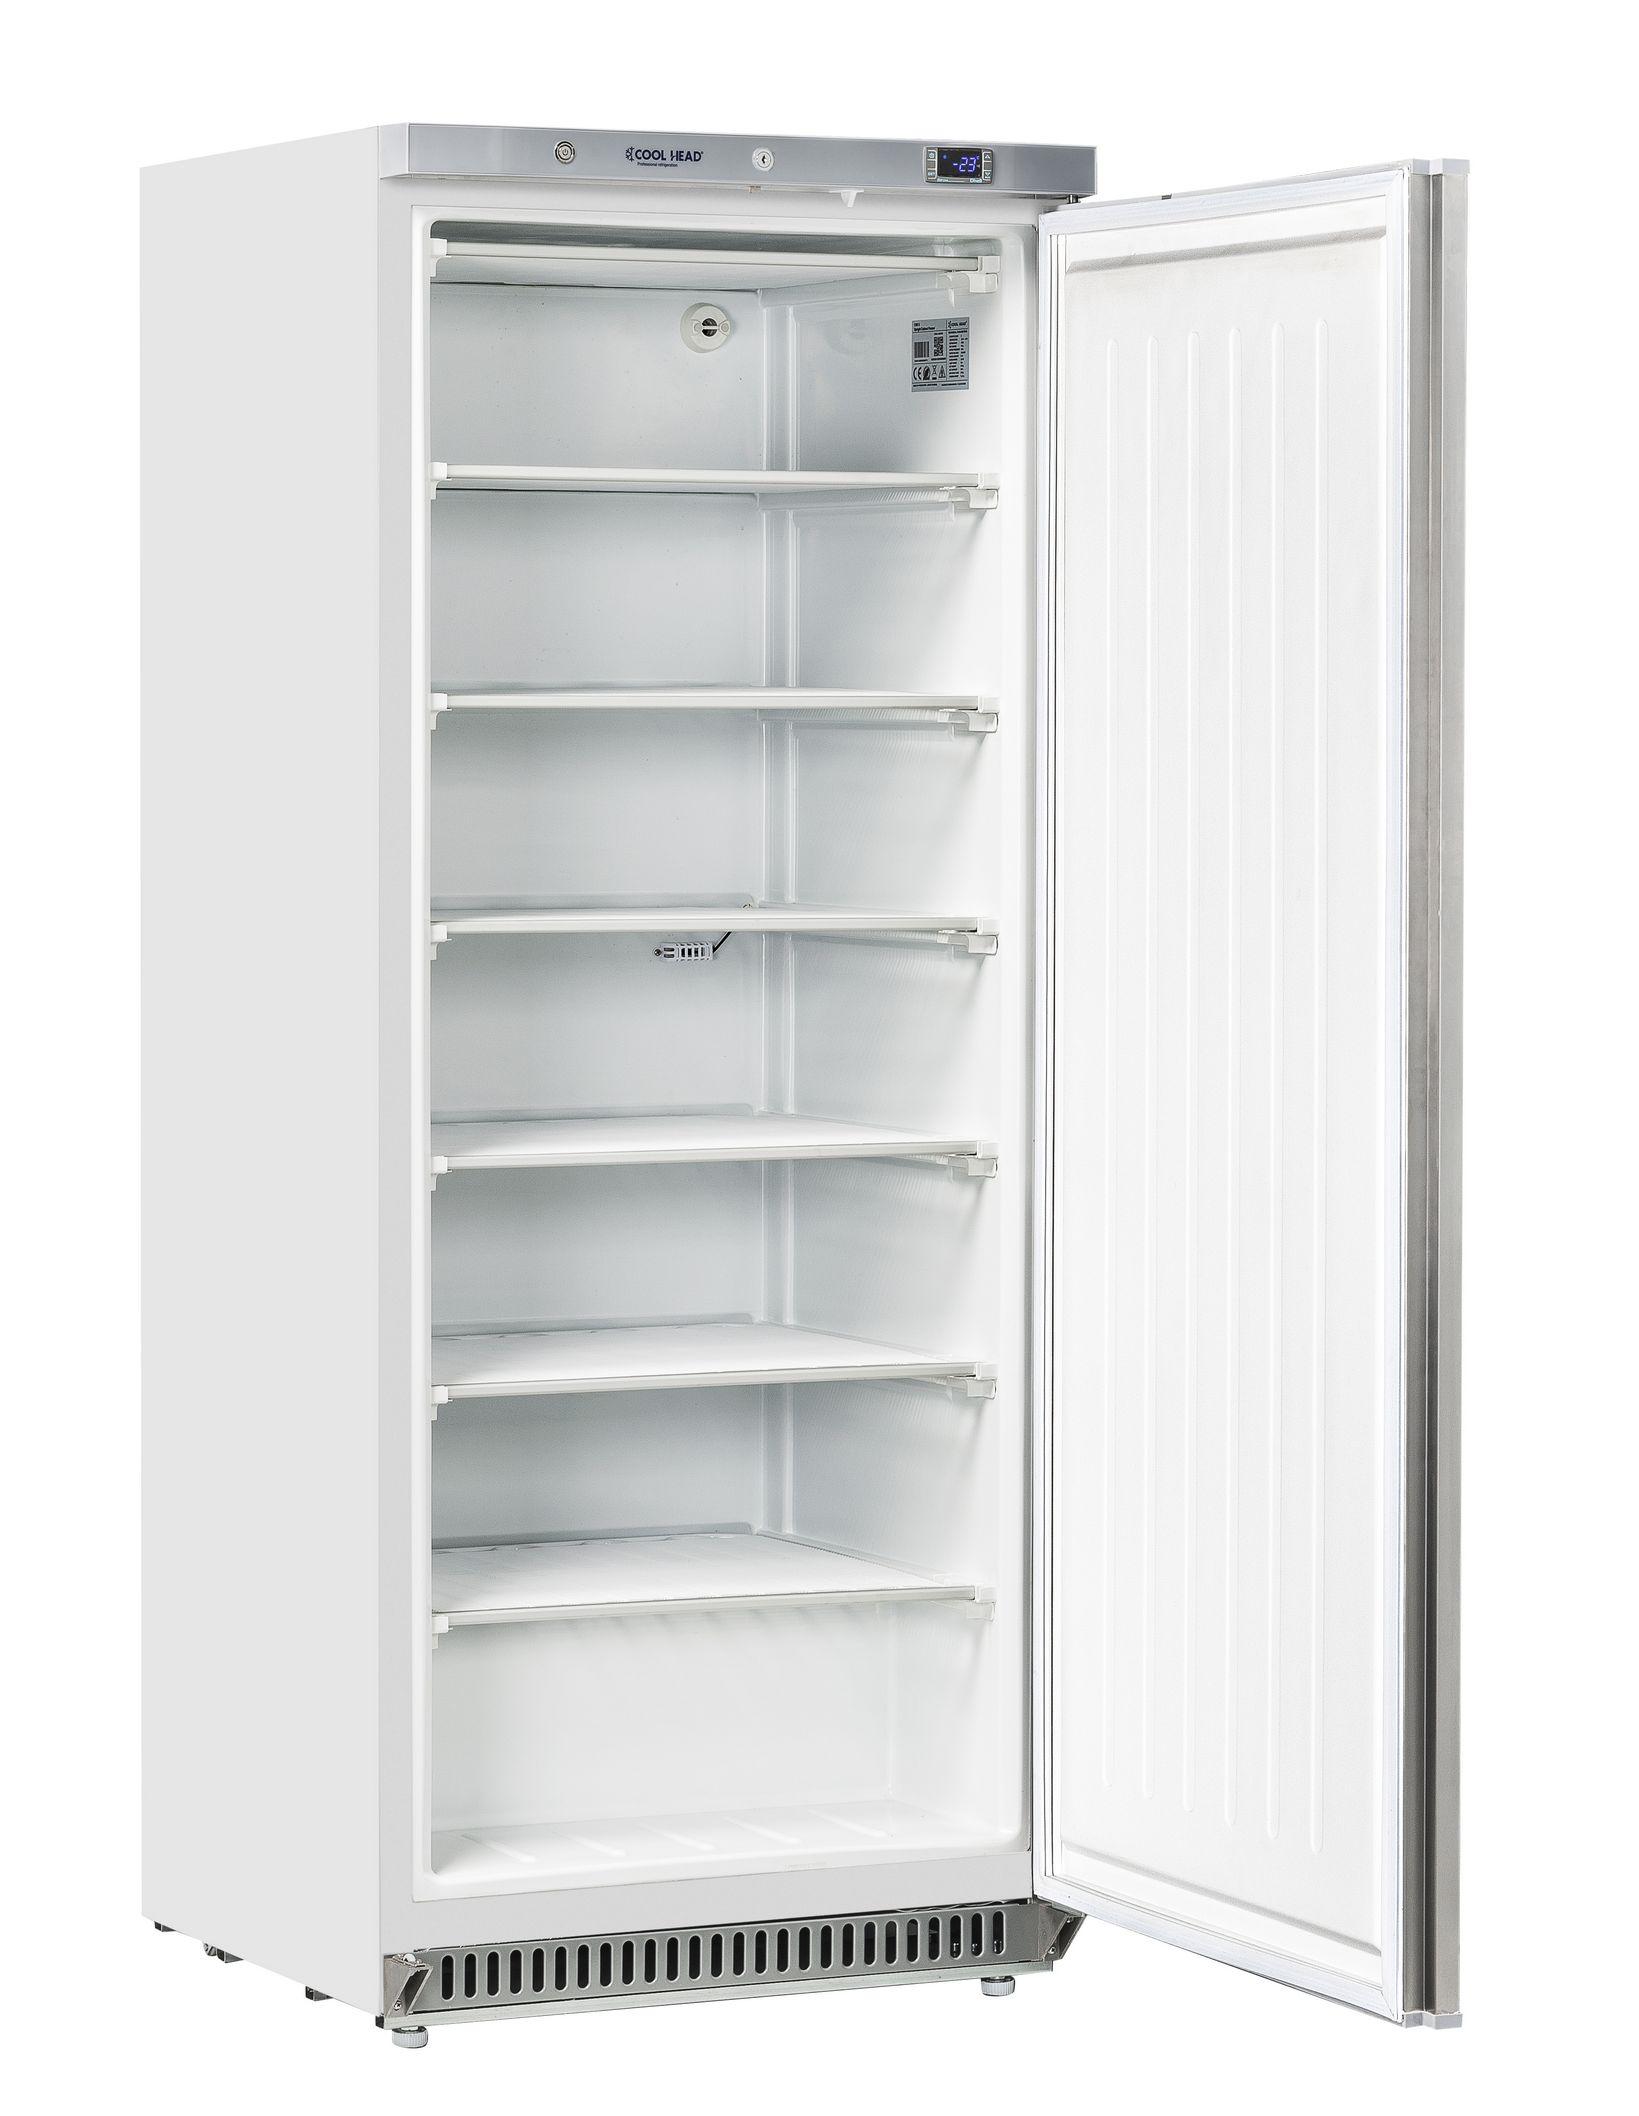 600 literes mélyhűtő, statikus hűtéssel, teli ajtóval, fehér, -18/-23°C